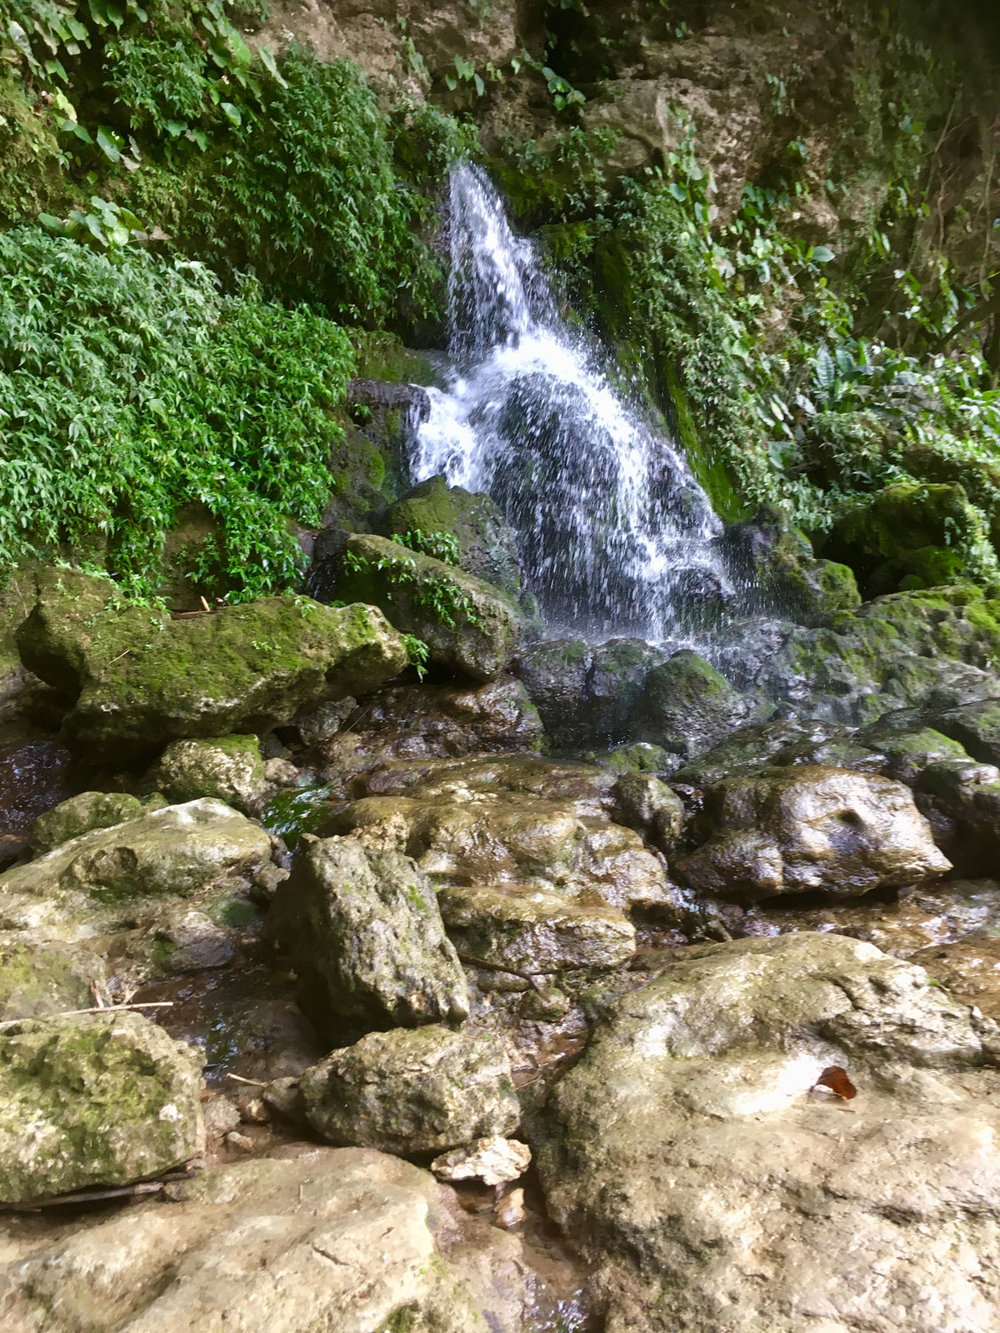 Hammocks_and_Ruins_Riviera_Maya_Mexico_What_to_Do_Lakes_Rivers_Chiapas_Palenque_Misol_Ha_Waterfalls_11.jpg